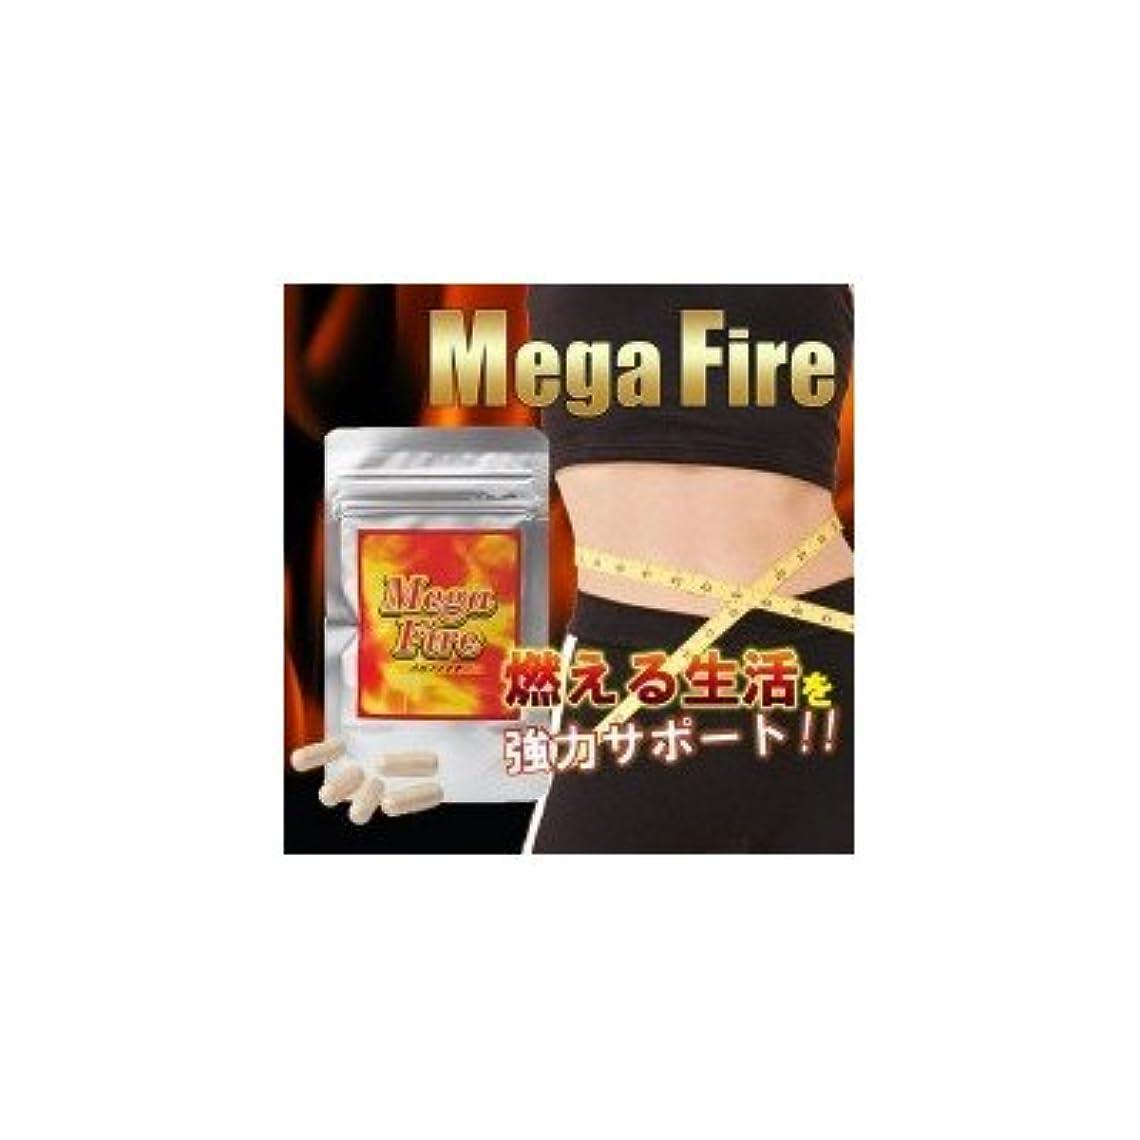 ピービッシュエール凝視Mega-Fire(メガファイア) 13.9g(377mg(1粒内容量300mg)×37カプセル)